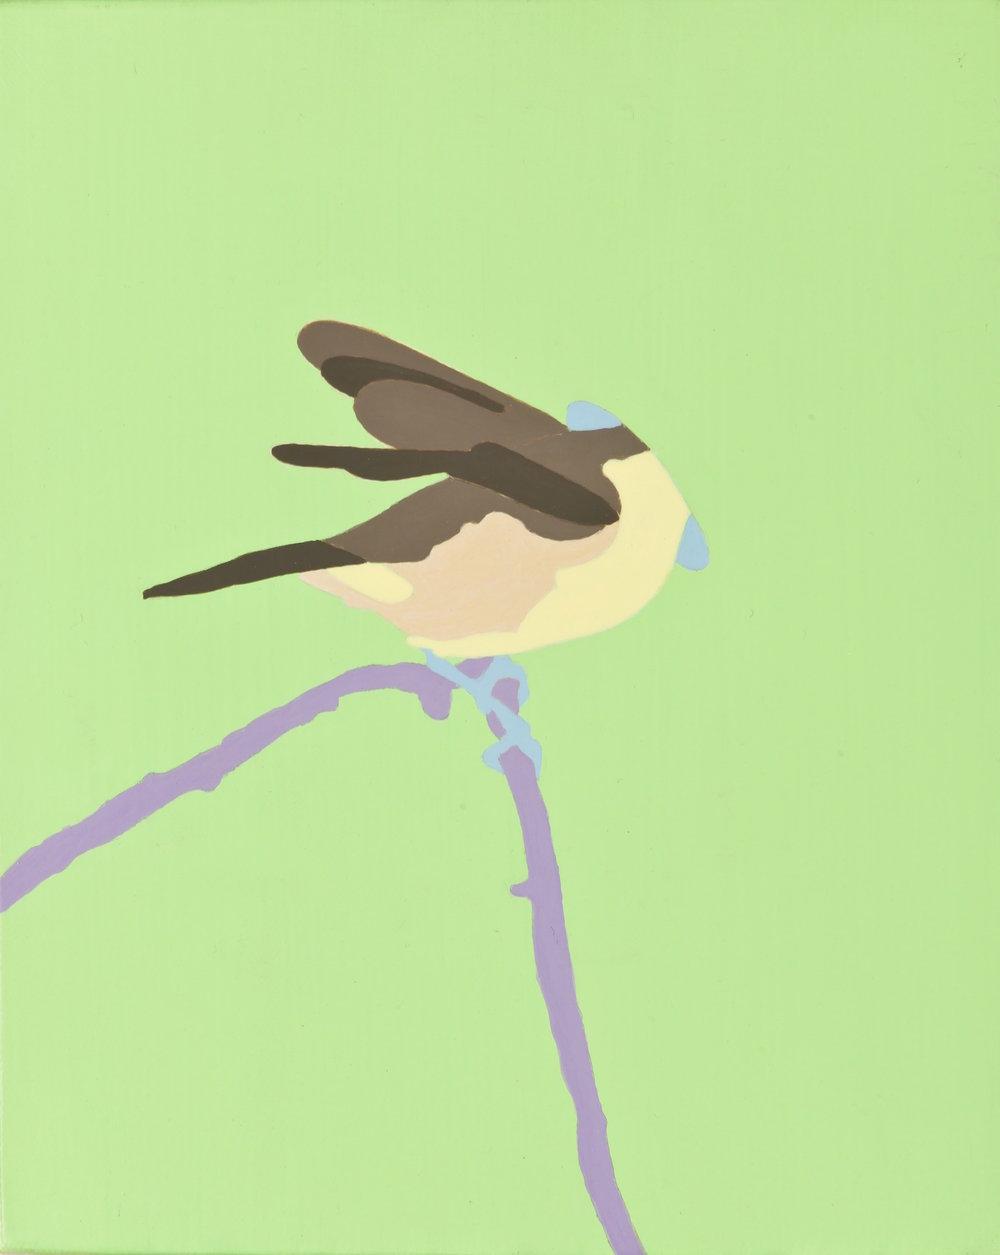 Son los pájaros penetradores los que meten la cabeza en los nidos, en los troncos de los árboles, en las casitas, en los agujeros que encuentran. No importa que las distintas aves que pinta Aristizábal sean de variados tamaños y colores; las reconocemos sin cabeza, pues sus cuerpos ofrecen suficiente información para nuestras mentes. Él las va despojando de sus partes, y nosotros todavía las seguimos reconociendo. El contenido visual es escaso; sin embargo, el contenido conceptual es erótico y abundante: con qué dicha, con qué fuerza penetran ellas en los agujeros.   Penetración   Acrílico sobre lino 25 x 20 cm. 2012